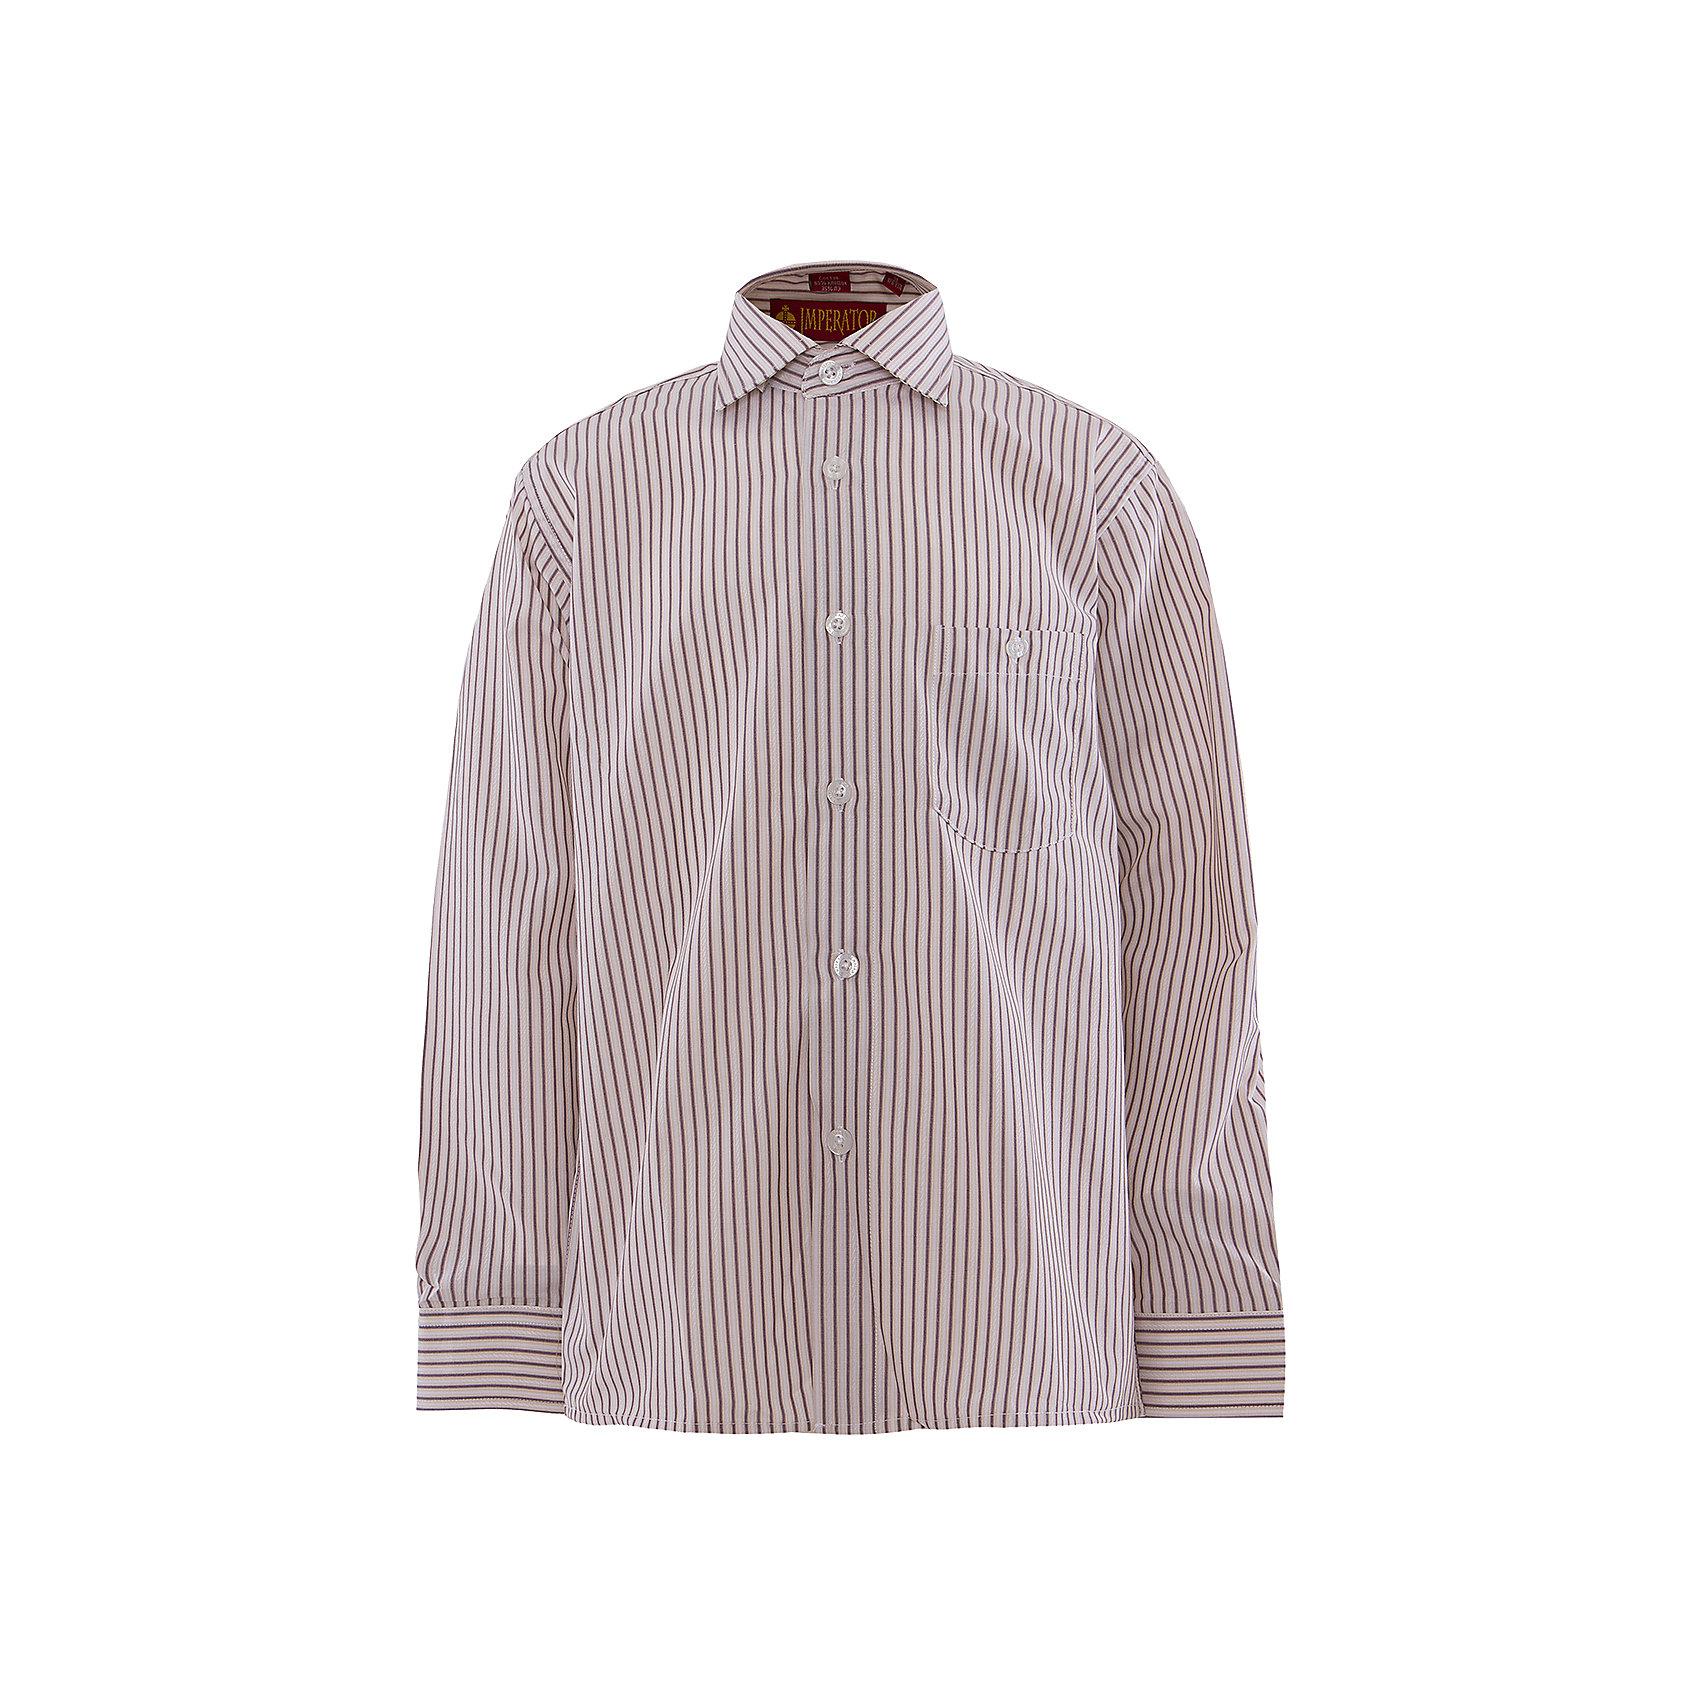 Рубашка для мальчика ImperatorБлузки и рубашки<br>Рубашка для мальчика от российской марки Imperator <br><br>Нарядная рубашка в полоску отлично подойдет и для школьных будней и для праздничных мероприятий. Модель хорошо сидит, не стесняет движения. Материал - гипоаллергенный, дышащий и приятный на ощупь.<br><br>Особенности модели:<br><br>- материал - тонкий, с содержанием хлопка;<br>- цвет - белый, в полоску;<br>- карман на груди с пуговицей;<br>- застежки-пуговицы;<br>- отложной воротник и манжеты;<br>- пуговицы на манжетах.<br><br>Дополнительная информация:<br><br>Состав: 65% хлопок, 35% полиэстер<br><br>Габариты:<br><br>длина рукава - 57 см;<br>длина по спинке - 68 см.<br><br>* соответствует размеру 35/158-164<br><br>Уход за изделием:<br><br>стирка в машине при температуре до 40°С,<br>не отбеливать,<br>гладить на средней температуре.<br><br>Рубашку для мальчика от российской марки Imperator (Император) можно купить в нашем магазине.<br><br>Ширина мм: 174<br>Глубина мм: 10<br>Высота мм: 169<br>Вес г: 157<br>Цвет: коричневый<br>Возраст от месяцев: 96<br>Возраст до месяцев: 108<br>Пол: Мужской<br>Возраст: Детский<br>Размер: 128/134,122/128,164/170,158/164,152/158,146/152,140/146,134/140<br>SKU: 4295799